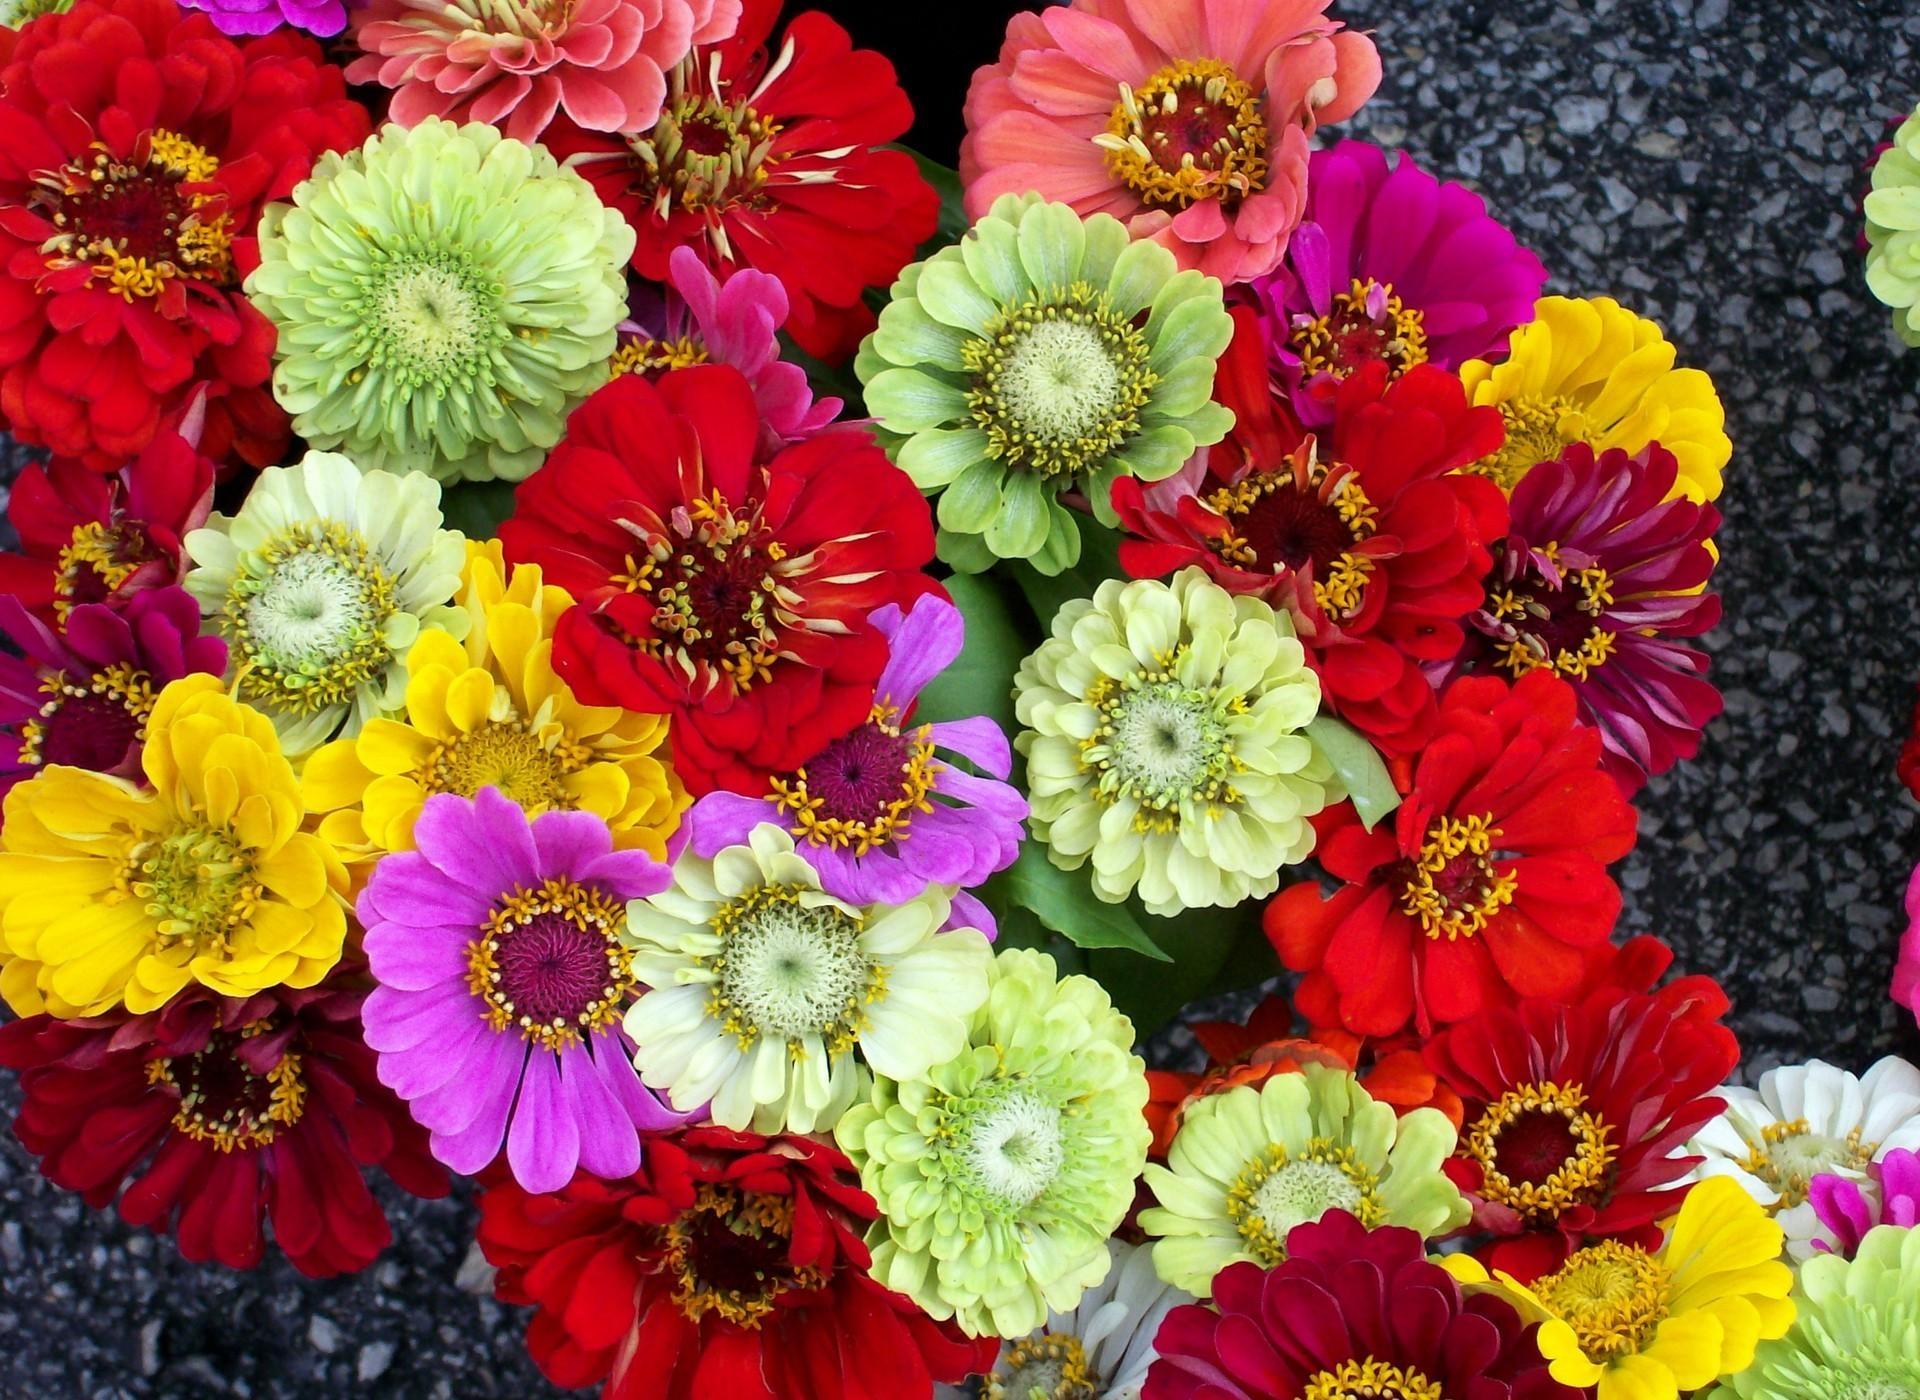 59951 скачать обои Цветы, Яркие, Разные, Циннии, Красочные - заставки и картинки бесплатно